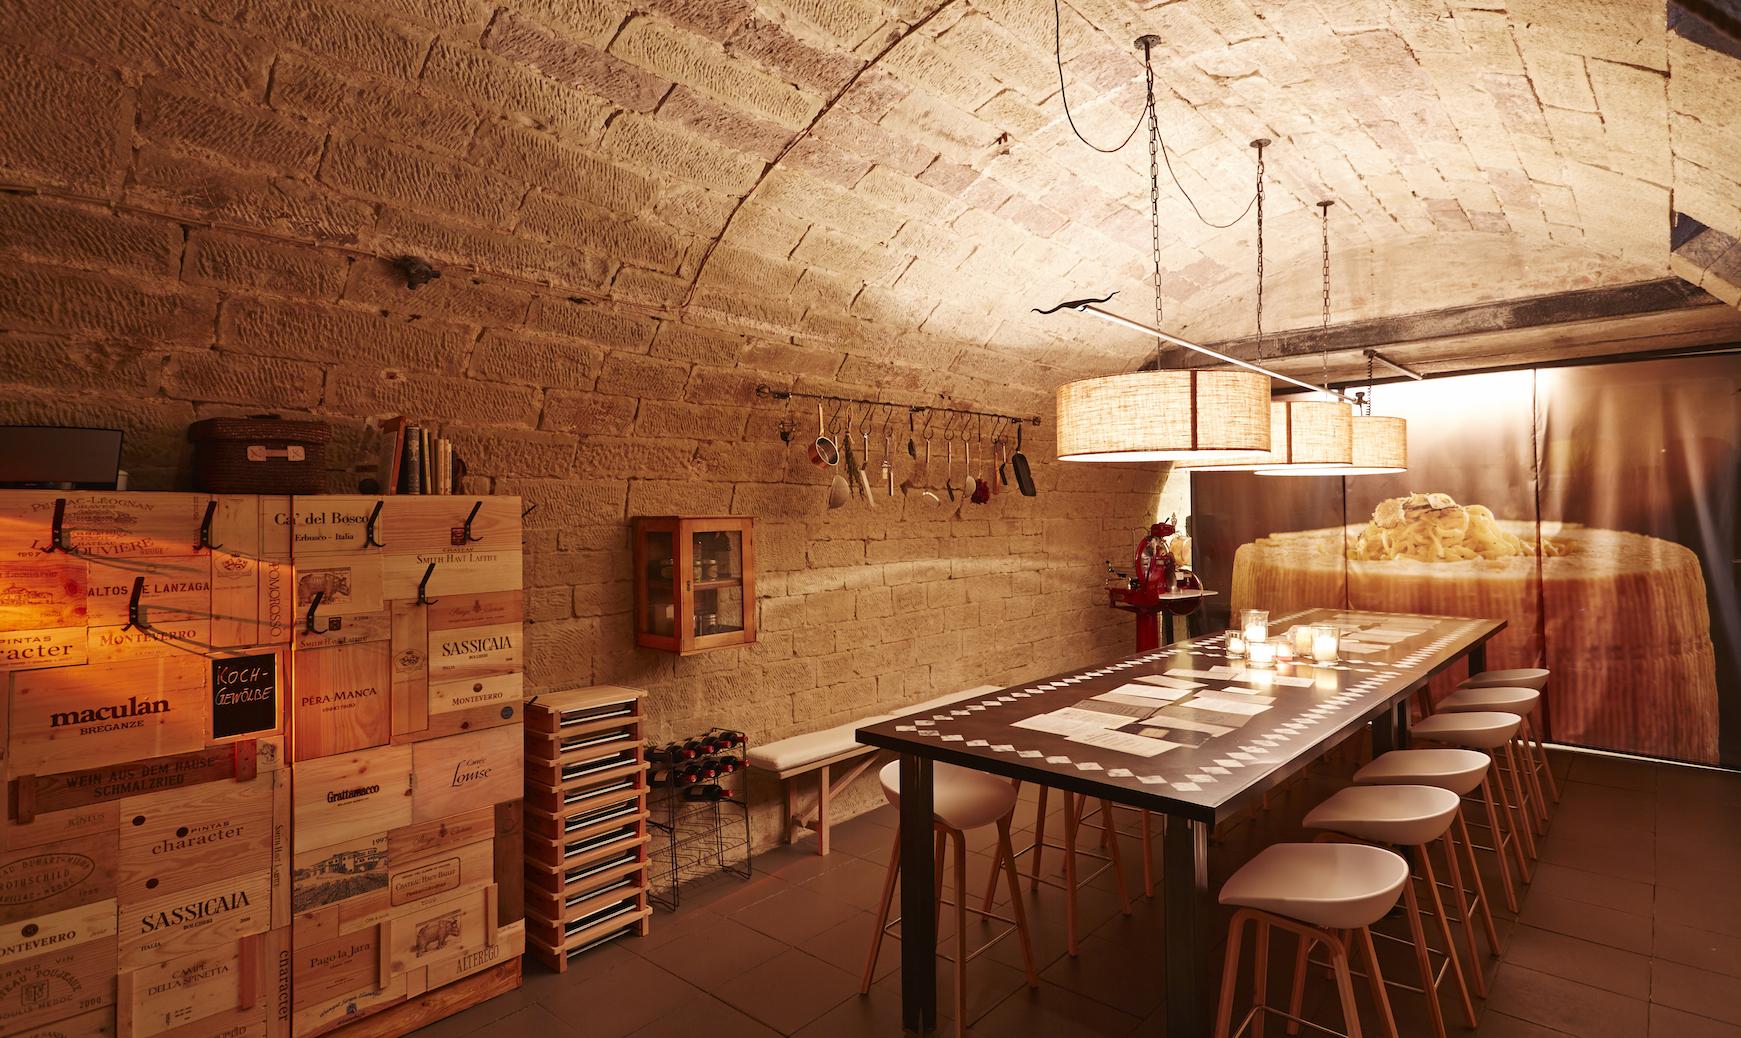 Restaurant restaurant der zauberlehrling designhotel for Designhotel stuttgart